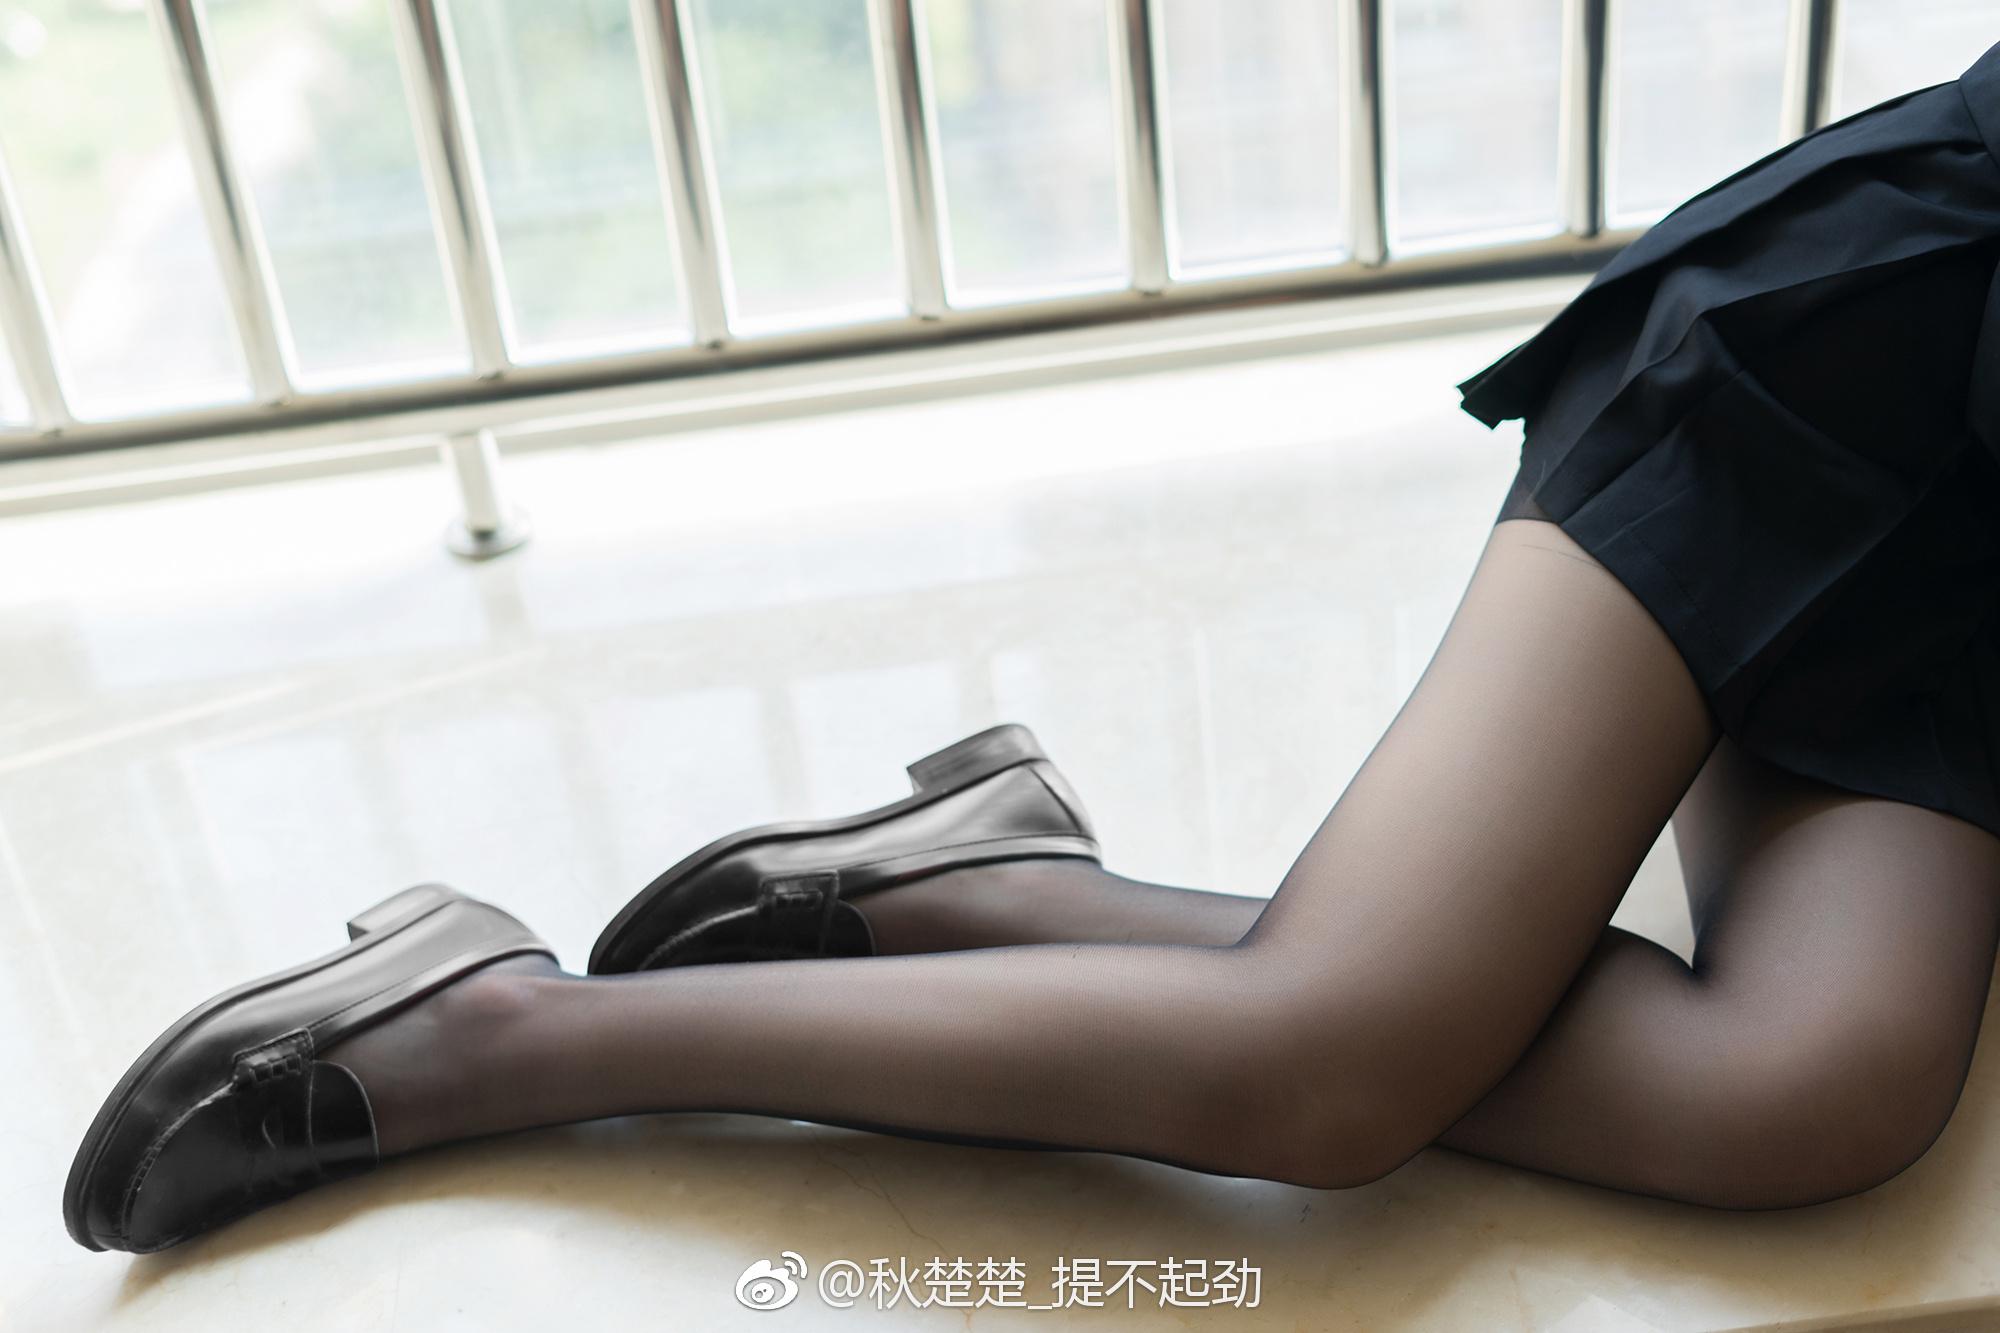 碧蓝航线高雄Cosplay,妥妥的黑丝美腿福利~(9P)